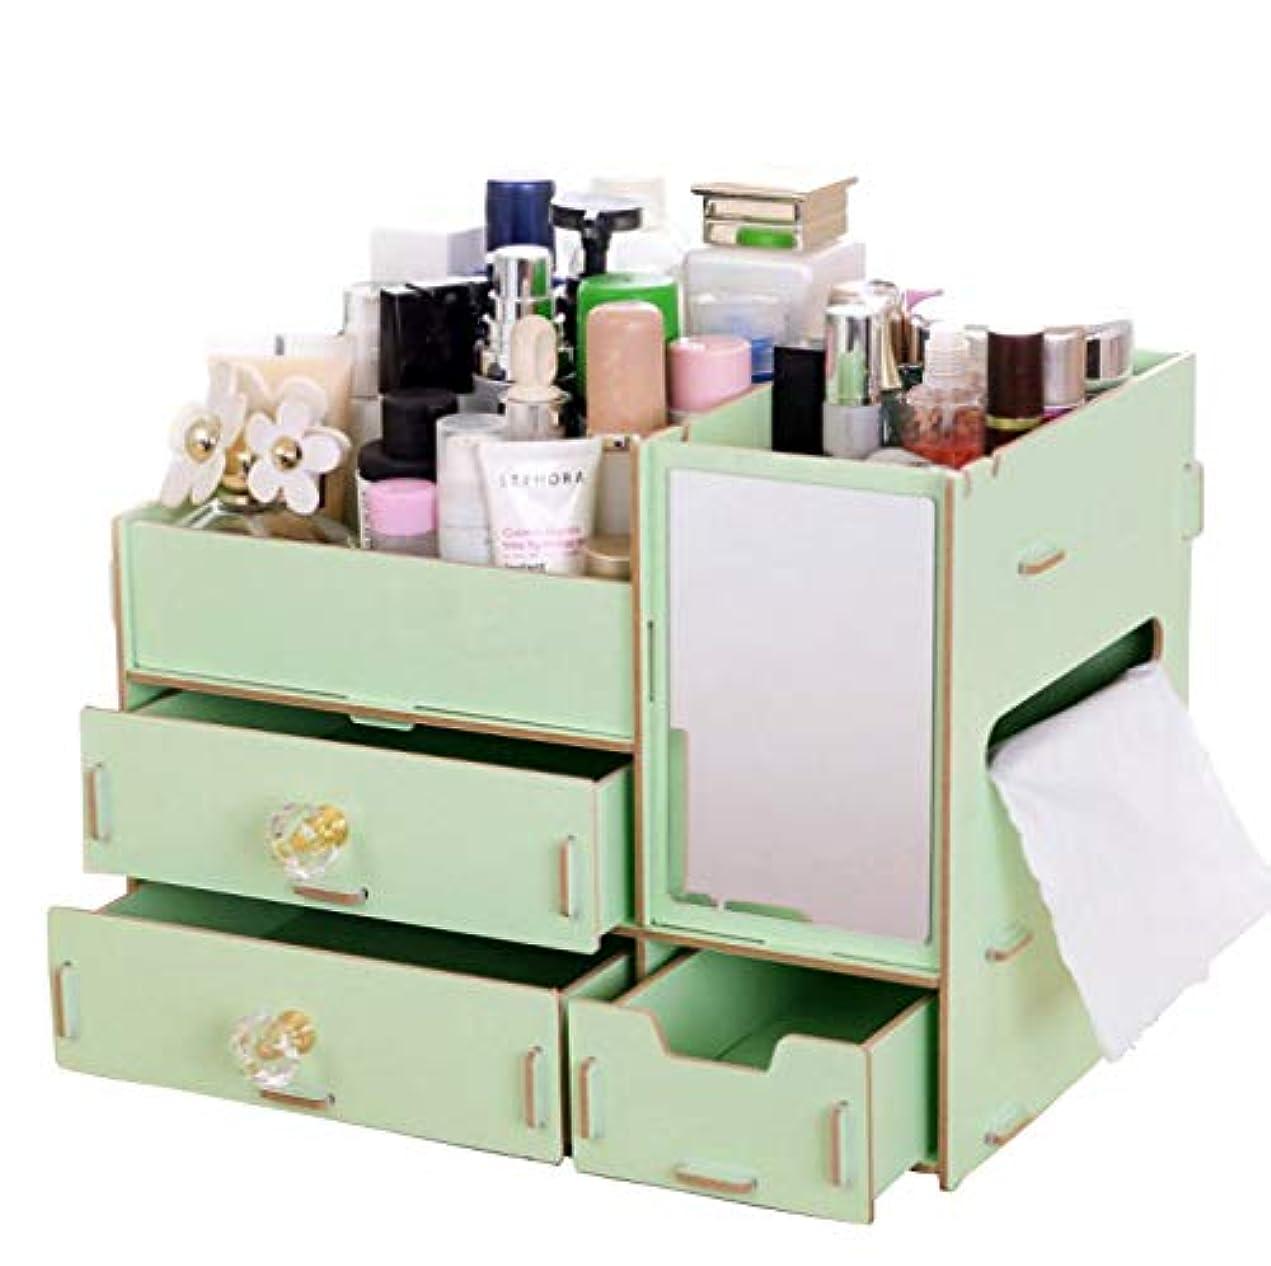 彫るスマッシュ構造伊耶那美(イザナミ) 化粧品 コスメ ジュエリー 収納 ボックス メイクボックス 木製 組み立て式(緑色)